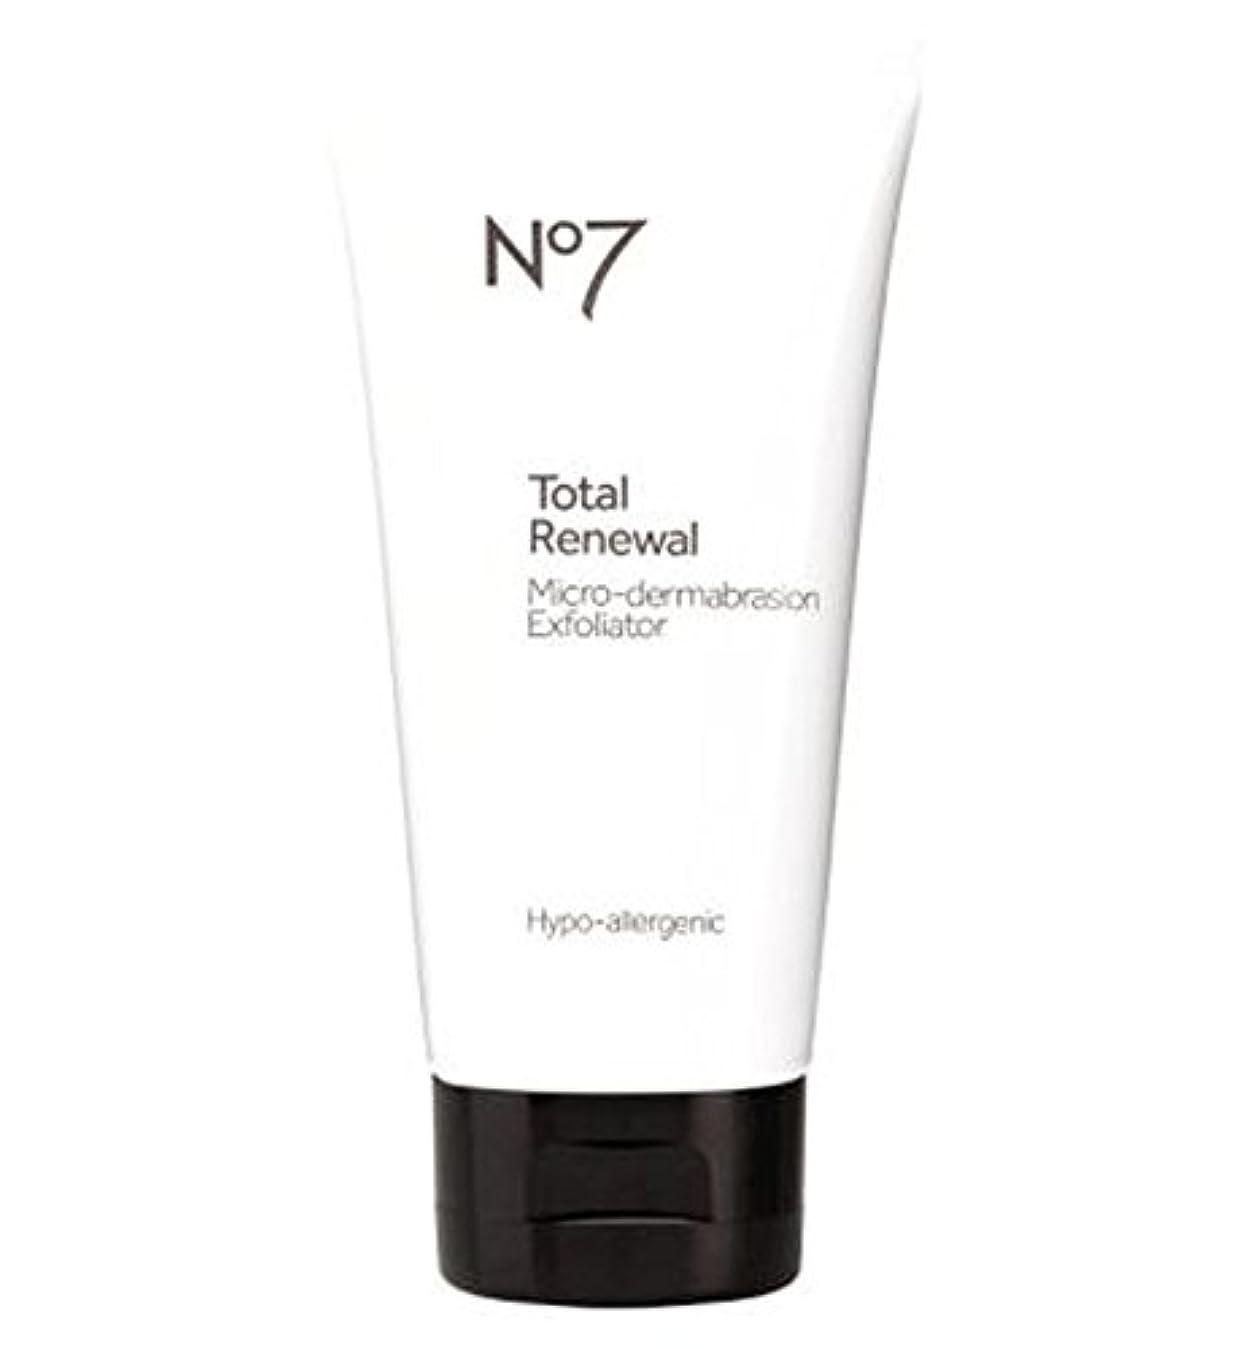 注入する顧問クスコNo7総リニューアルマイクロ皮膚剥離面エクスフォリエーター (No7) (x2) - No7 Total Renewal Micro-dermabrasion Face Exfoliator (Pack of 2) [並行輸入品]